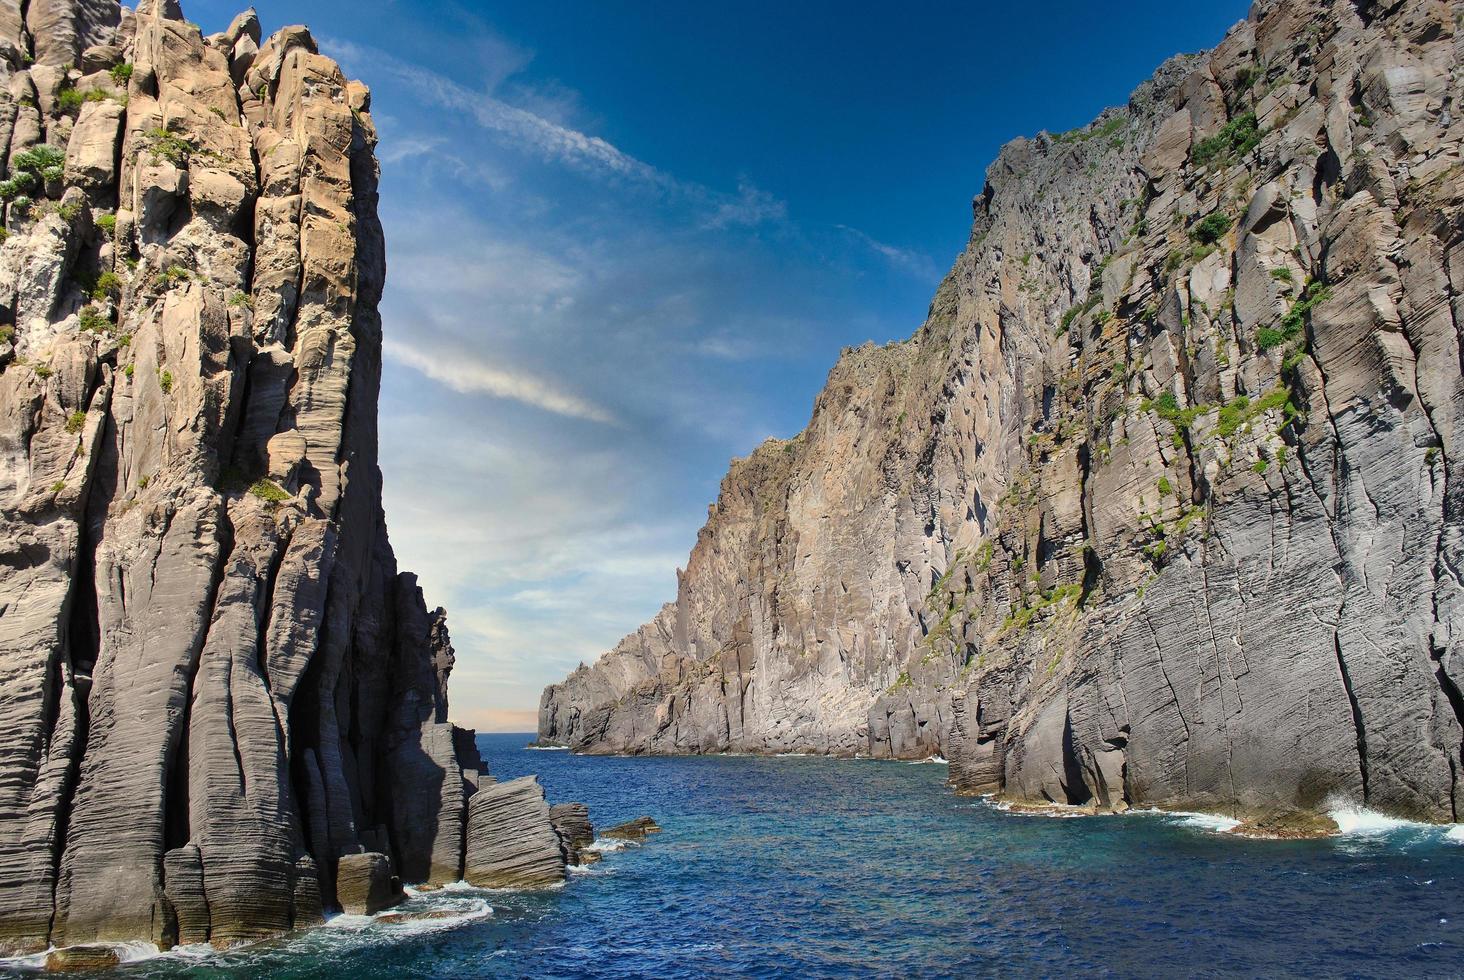 île de panarea dans les îles éoliennes photo